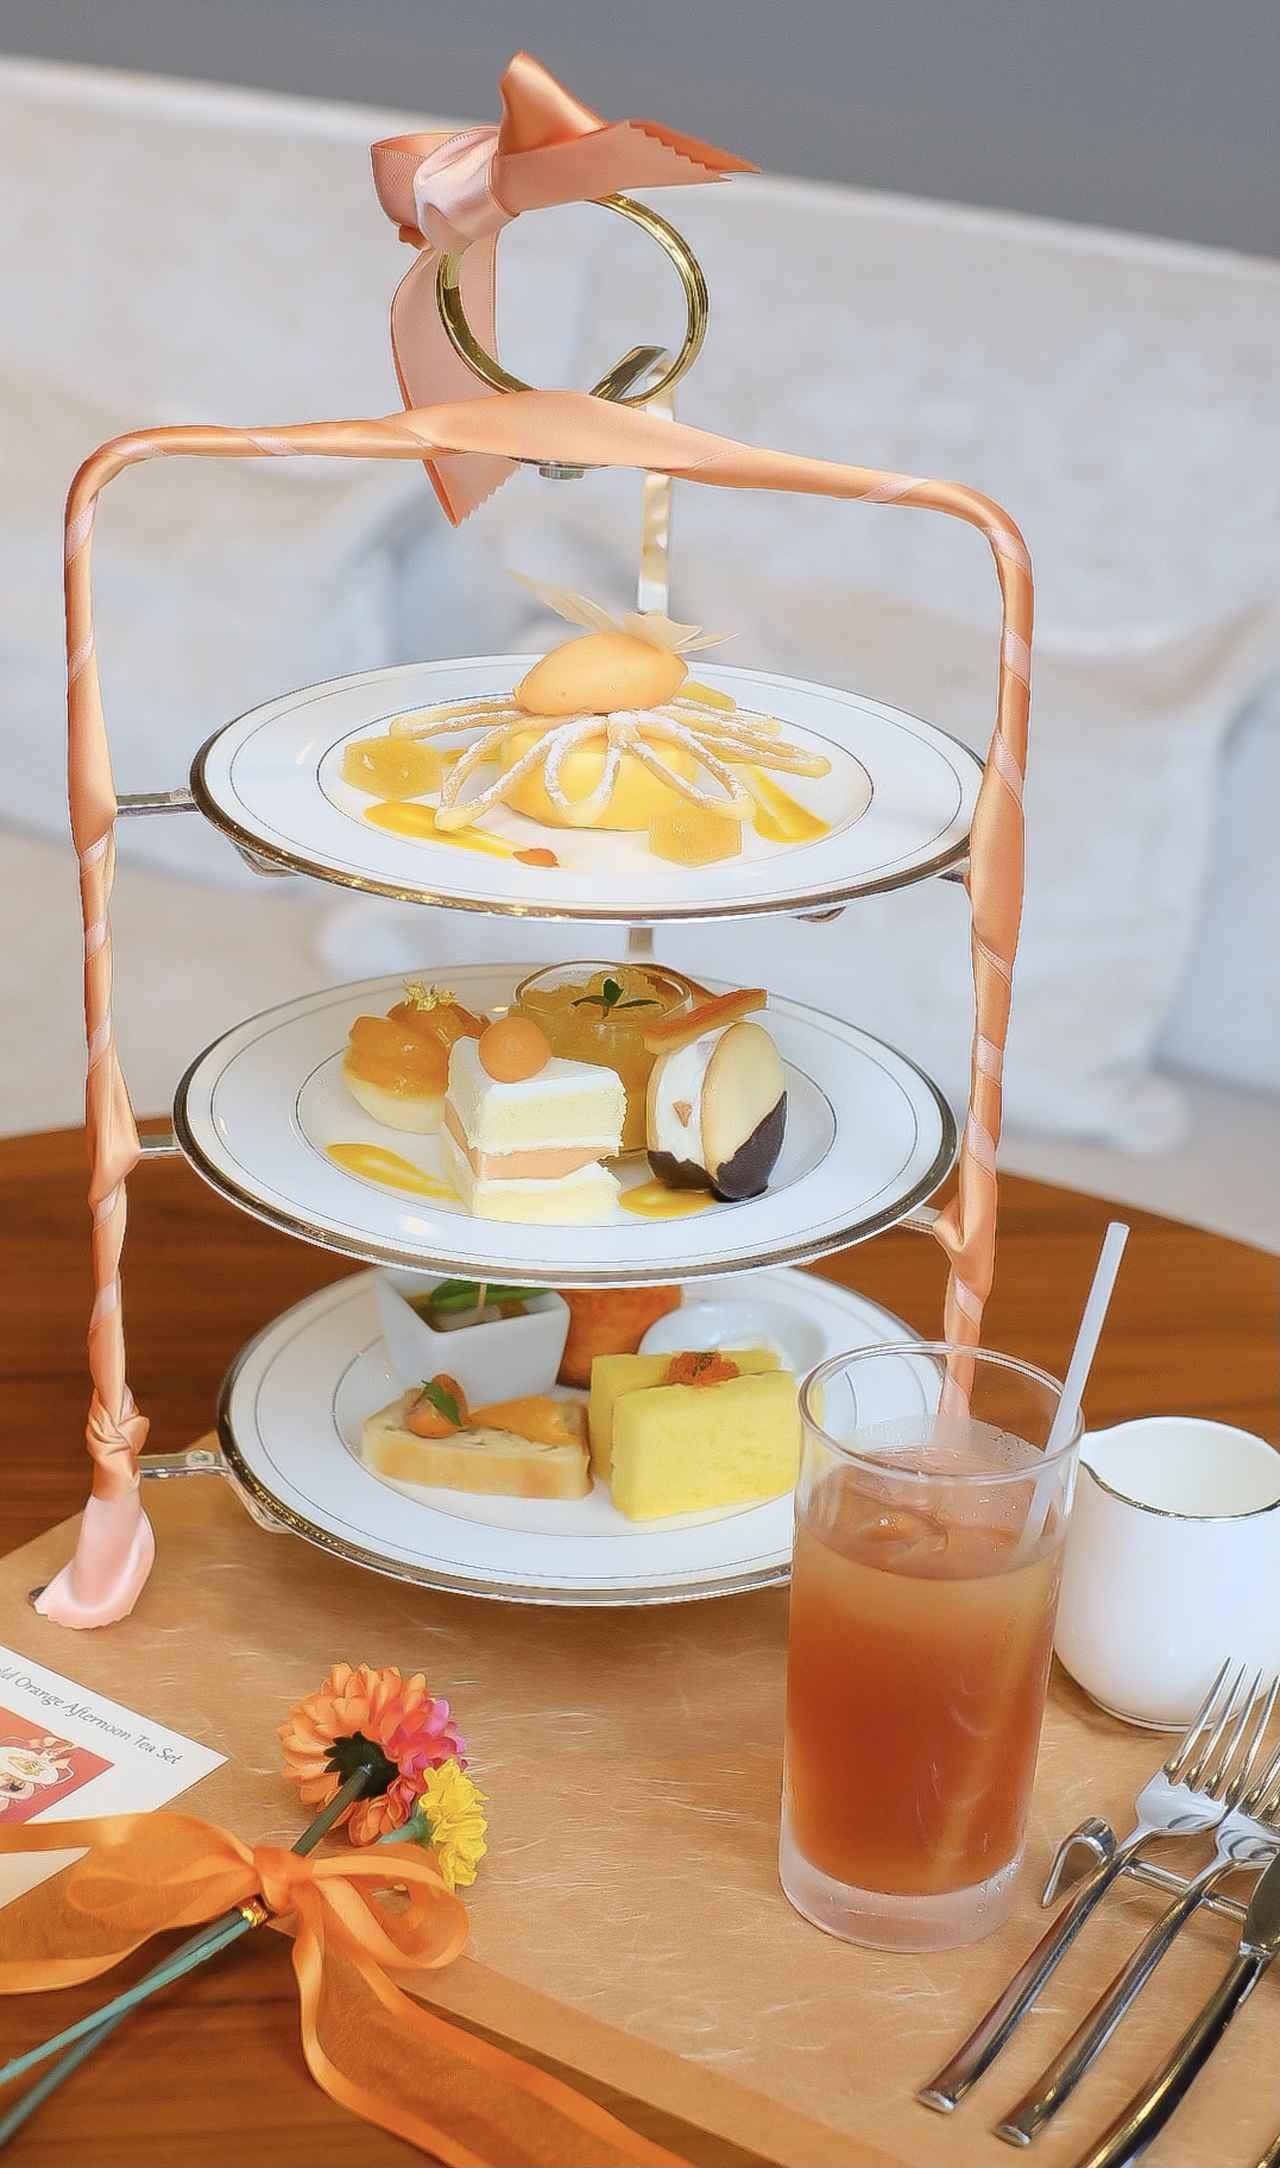 画像8: 【試食レポ】「グランドニッコー東京 台場」の『マリーゴールドオレンジ アフタヌーンティーセット』